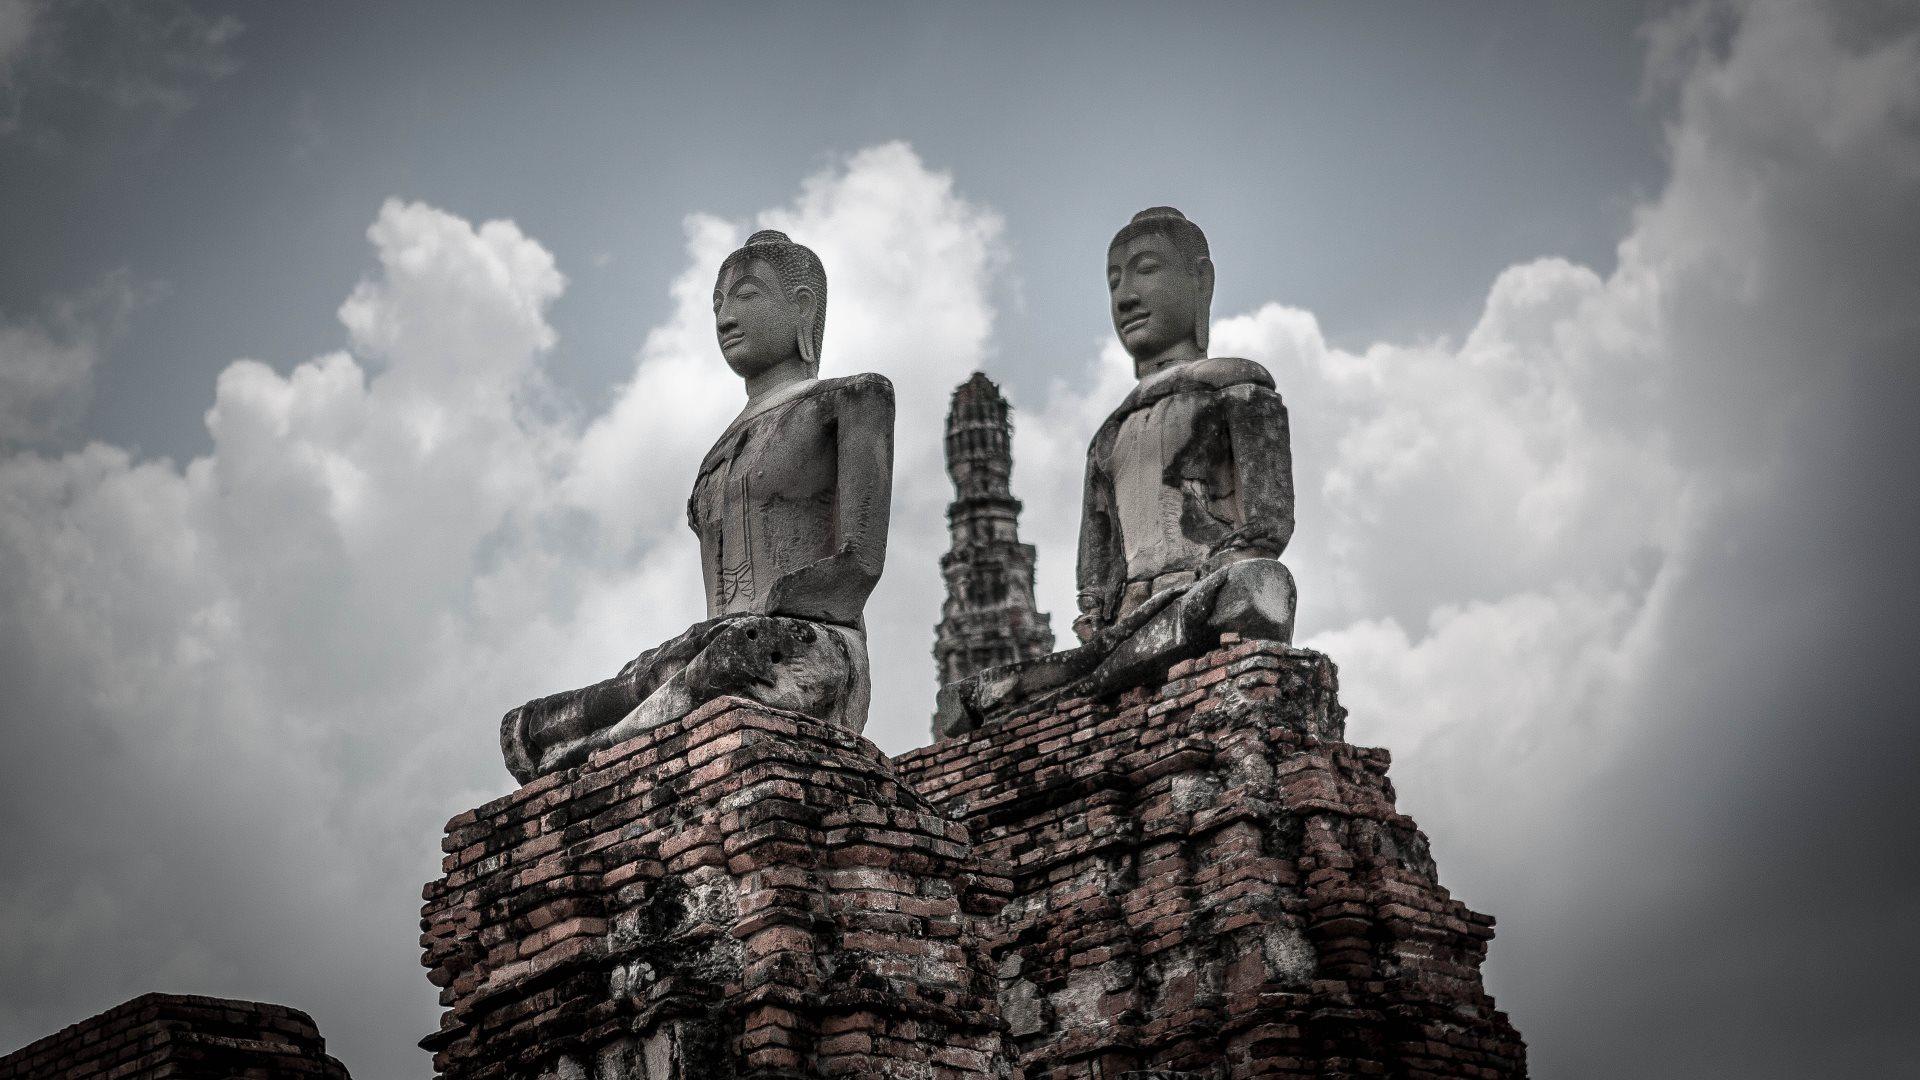 Bienvenidos al nuevo foro de apoyo a Noe #349 / 29.04.17 ~ 09.05.17 - Página 6 Buddha_statues-HD-wallpapers-1080p